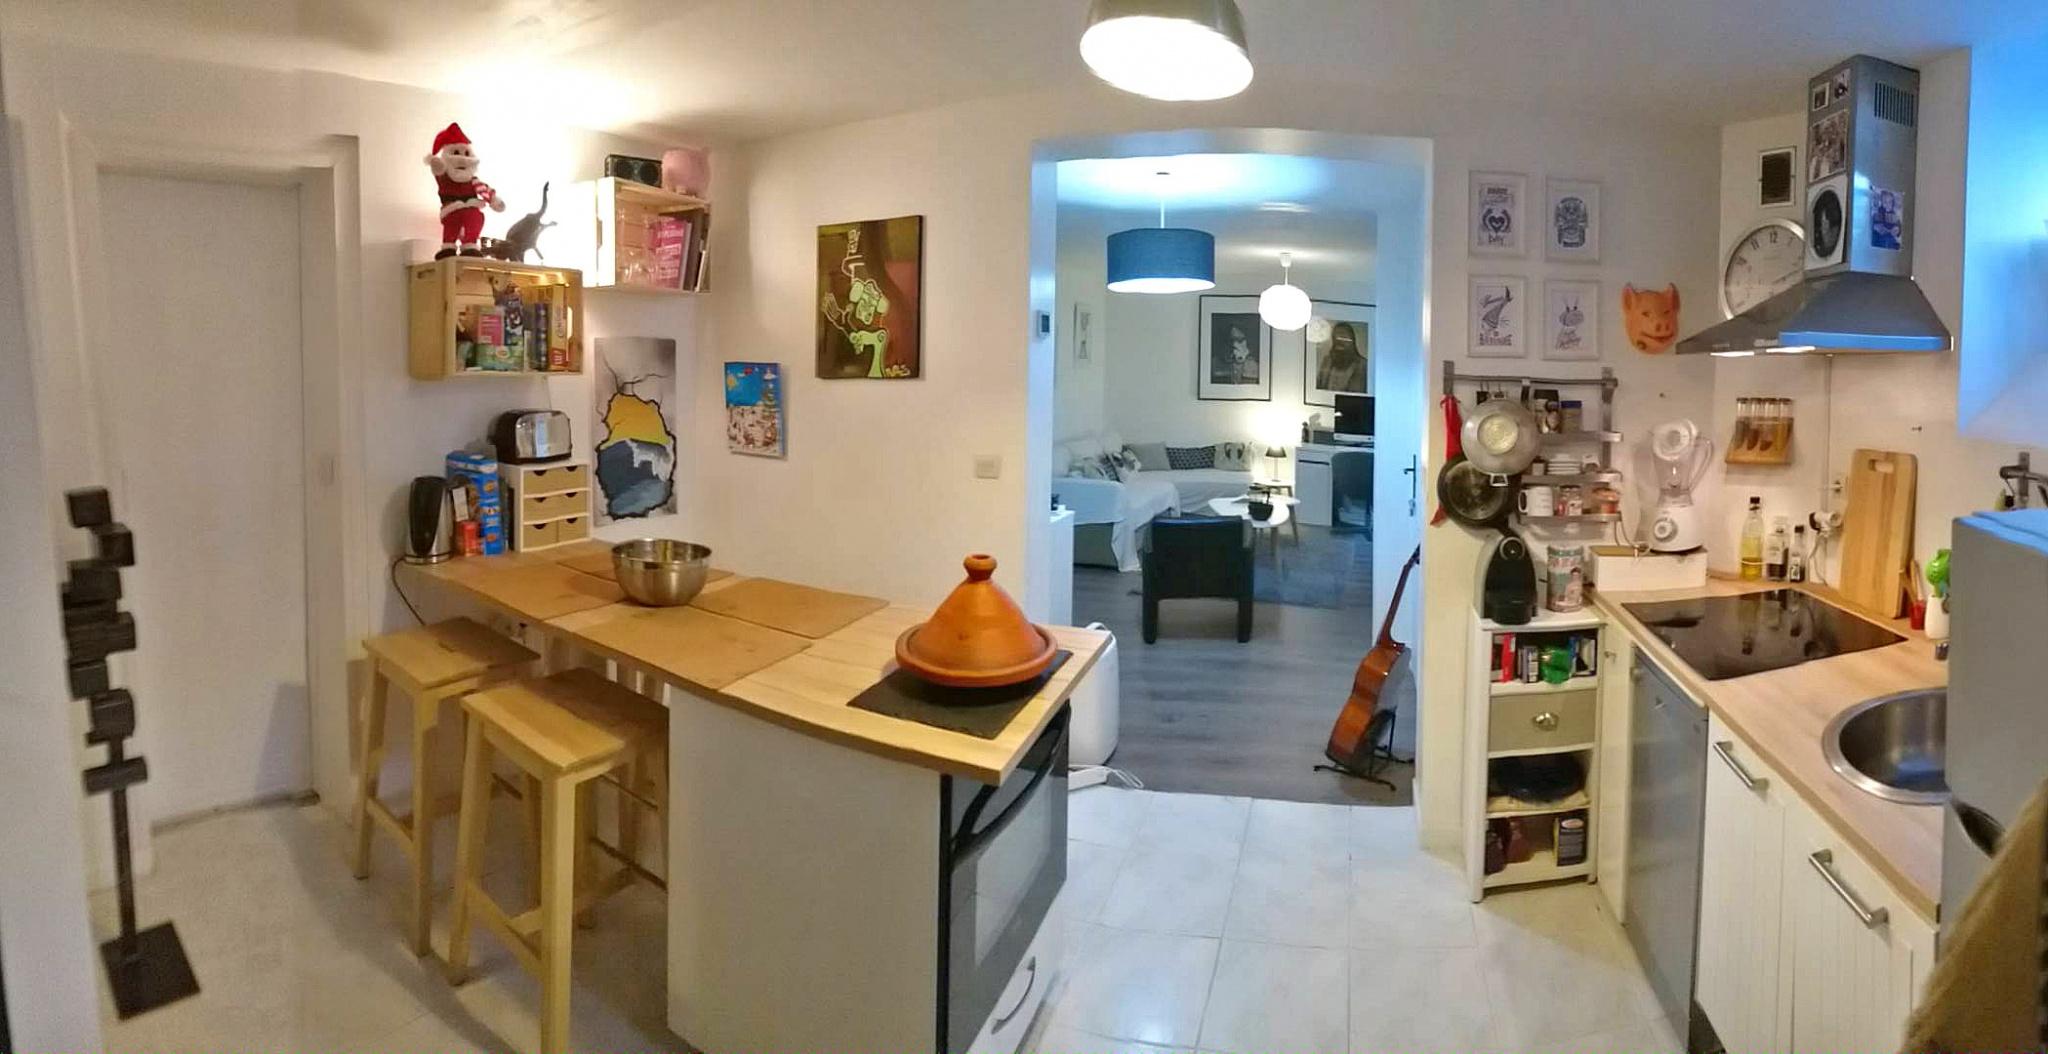 Dans une belle Bâtisse, avec parking collectif! Appartement en entre-sols de 44 m2 se composant d'une entrée, beau séjour, cuisine équipée, 2 coins nuit, salle de bains avec wc et buanderie. Aucun travaux n'est à prévoir dans l'appartement. Vendu meublé et équipé. A SAISIR RAPIDEMENT, AVEC L'AGENCE IMMOBILIERE BIARRITZ AU 05.59.24.57.44.